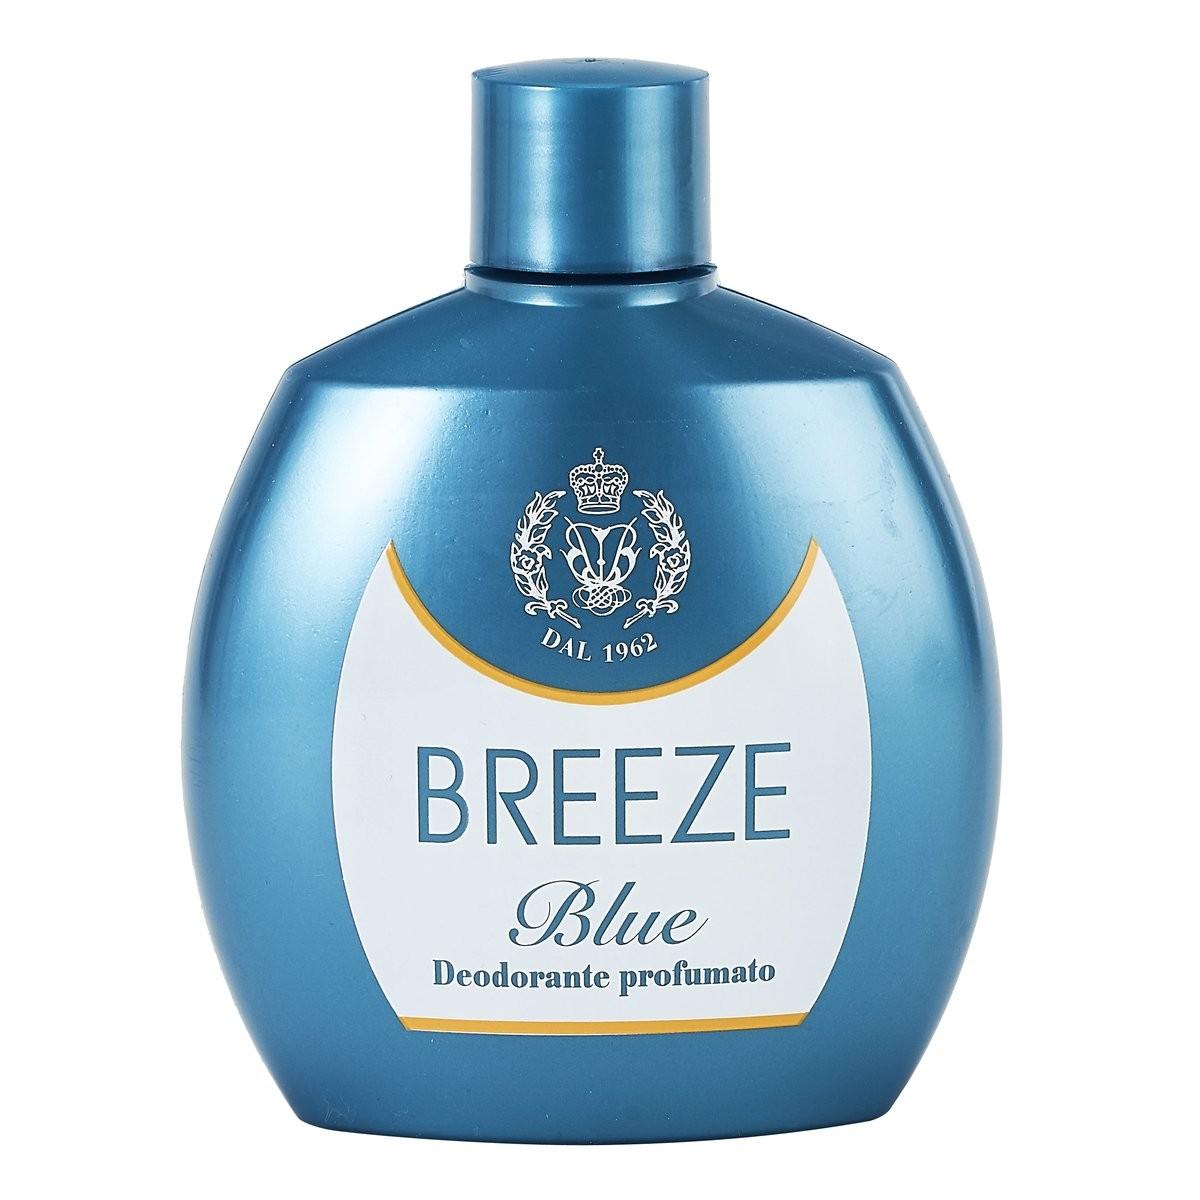 Breeze Deodorante profumato Blue